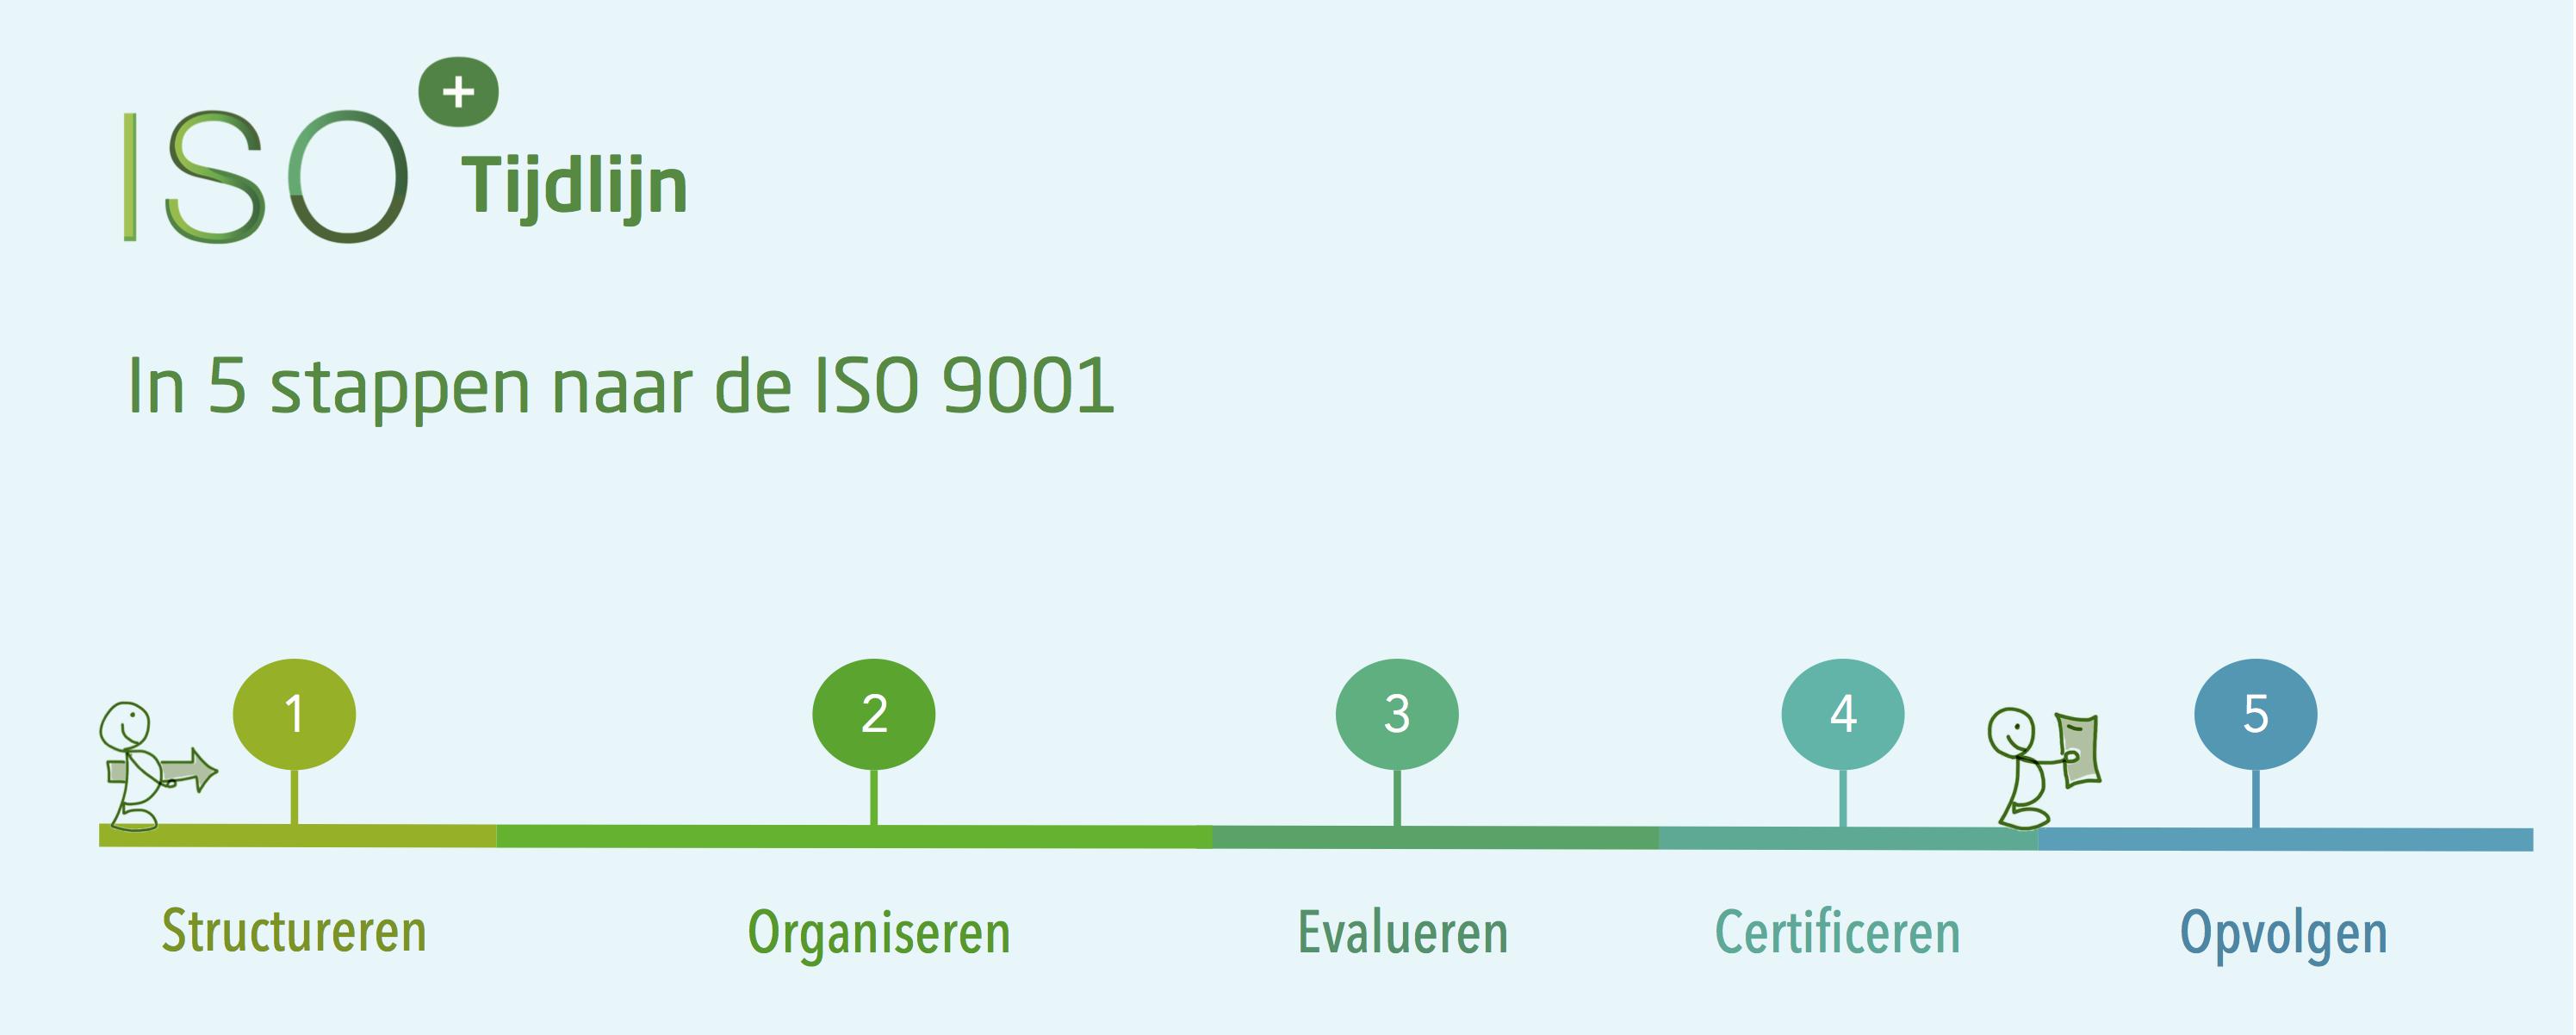 ISO 9001 Tijdlijn 2019 5 Stappen nieuw